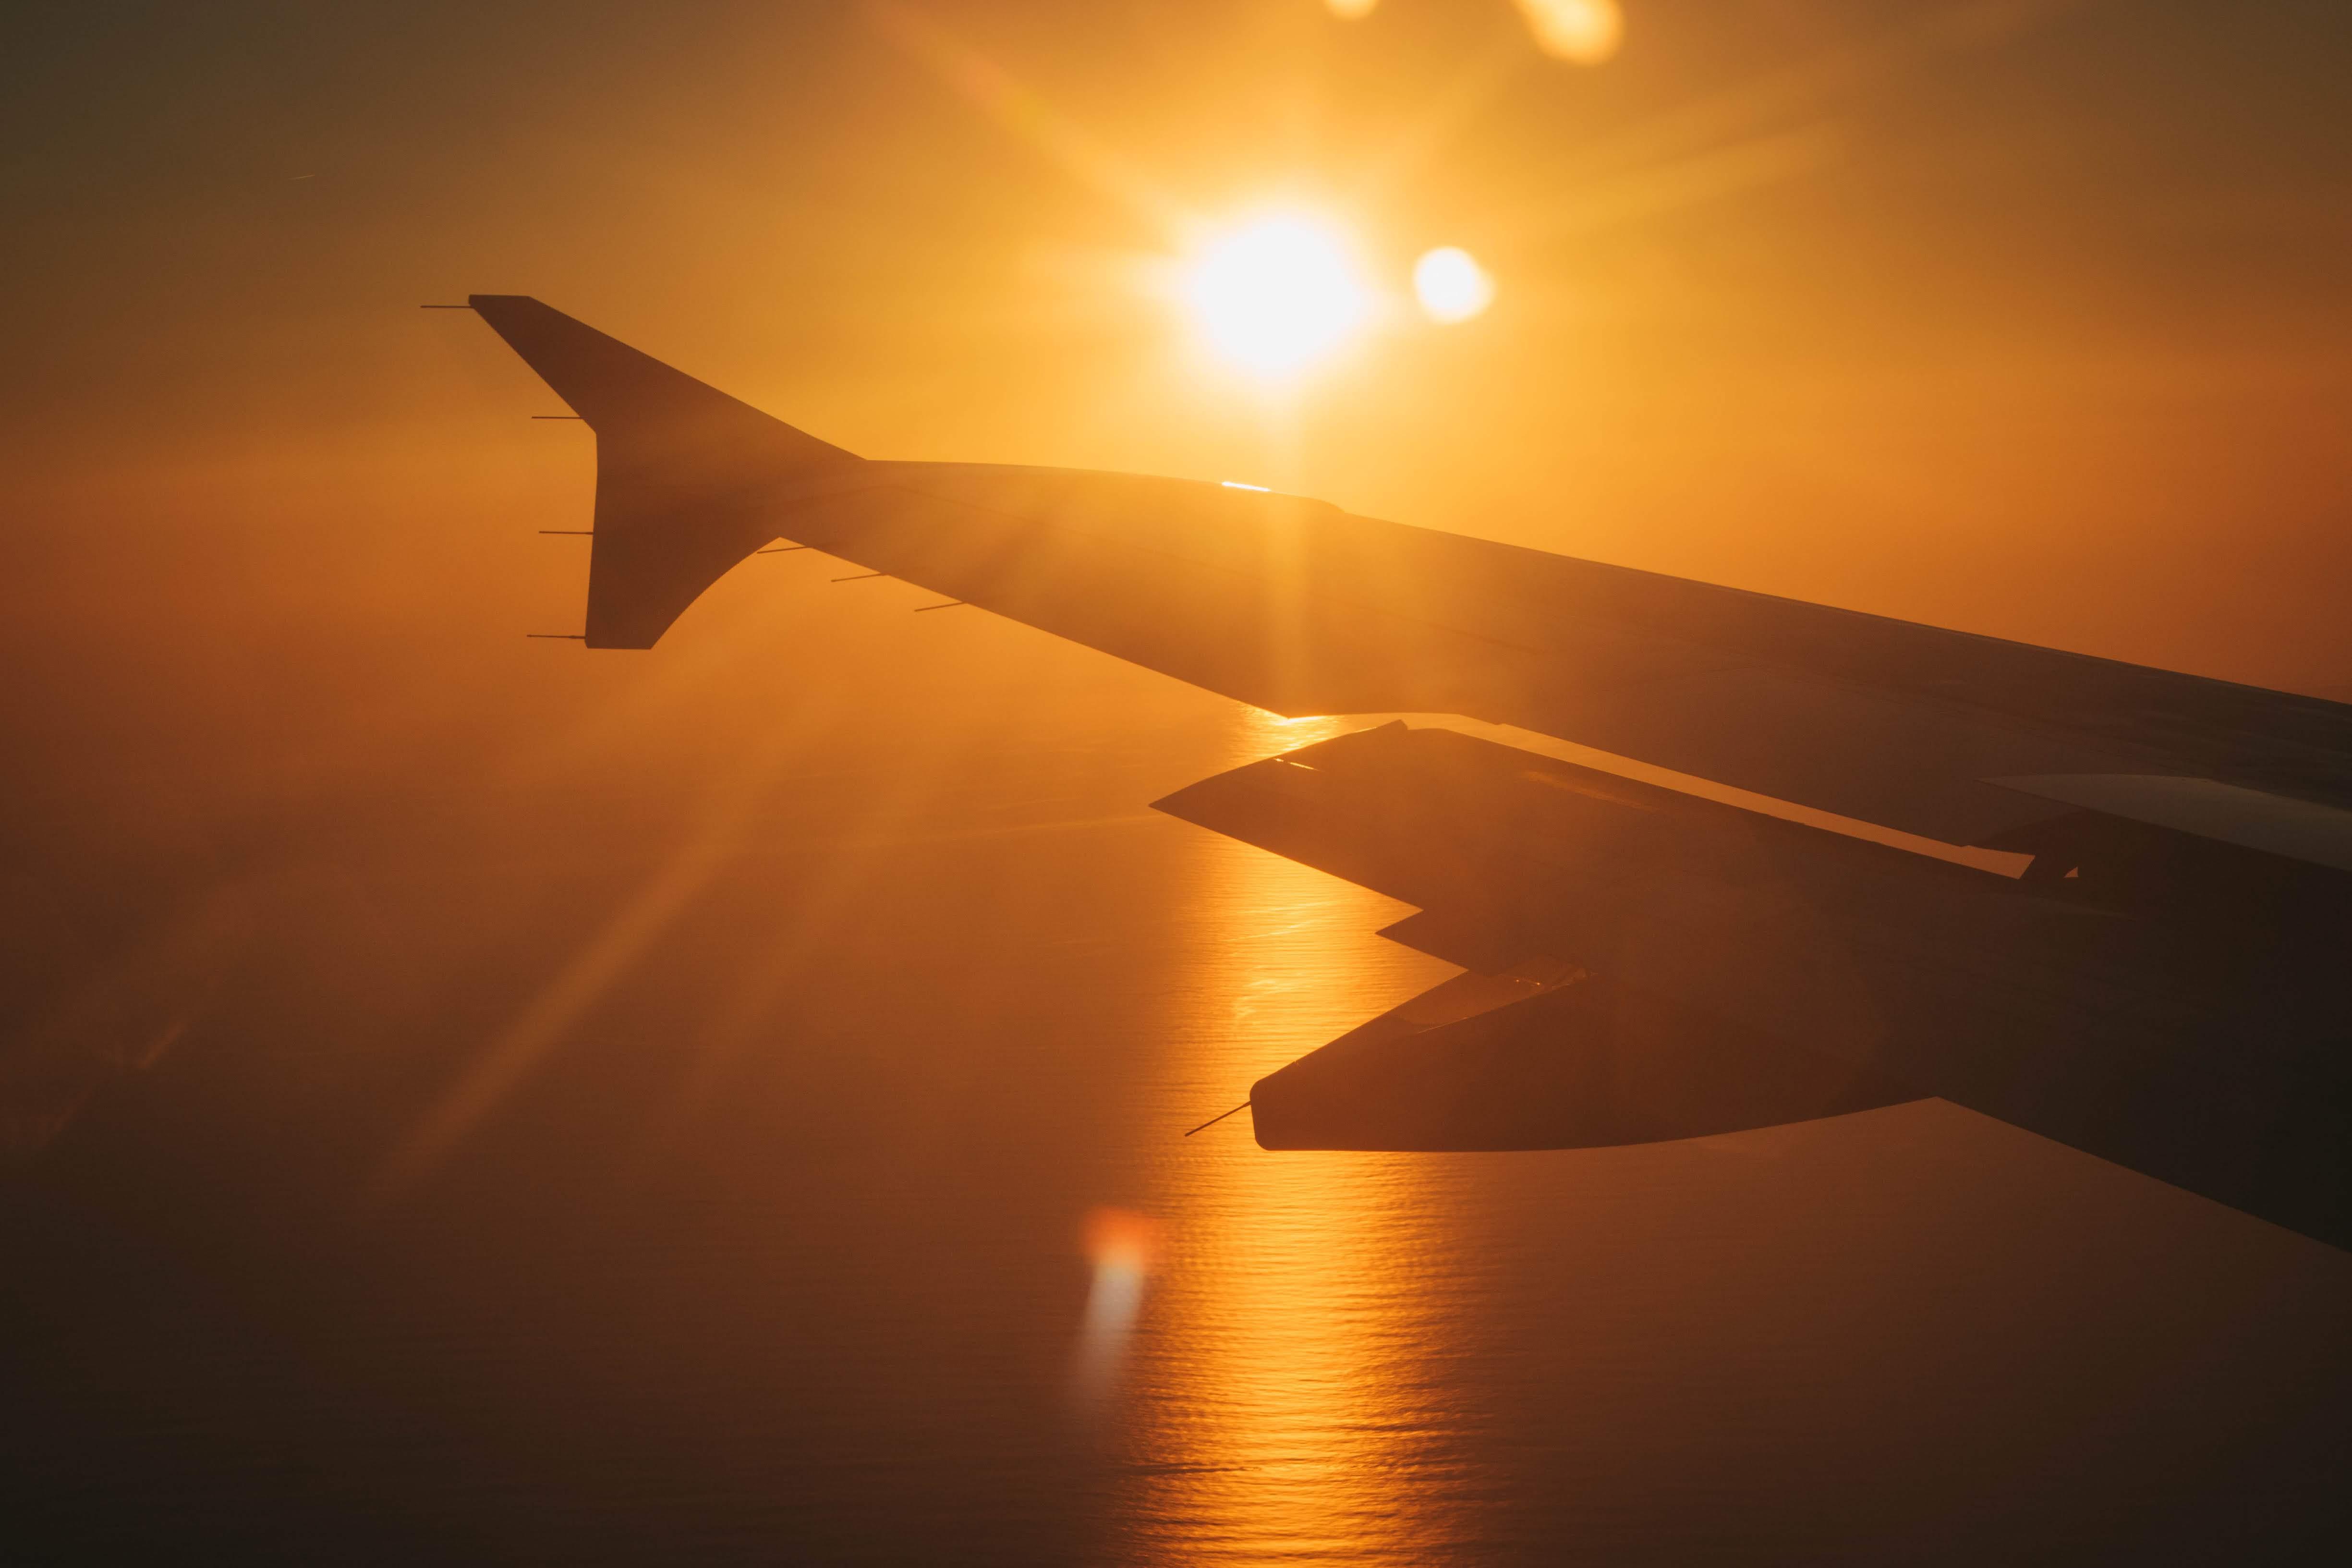 skrzydło samolotu słońce